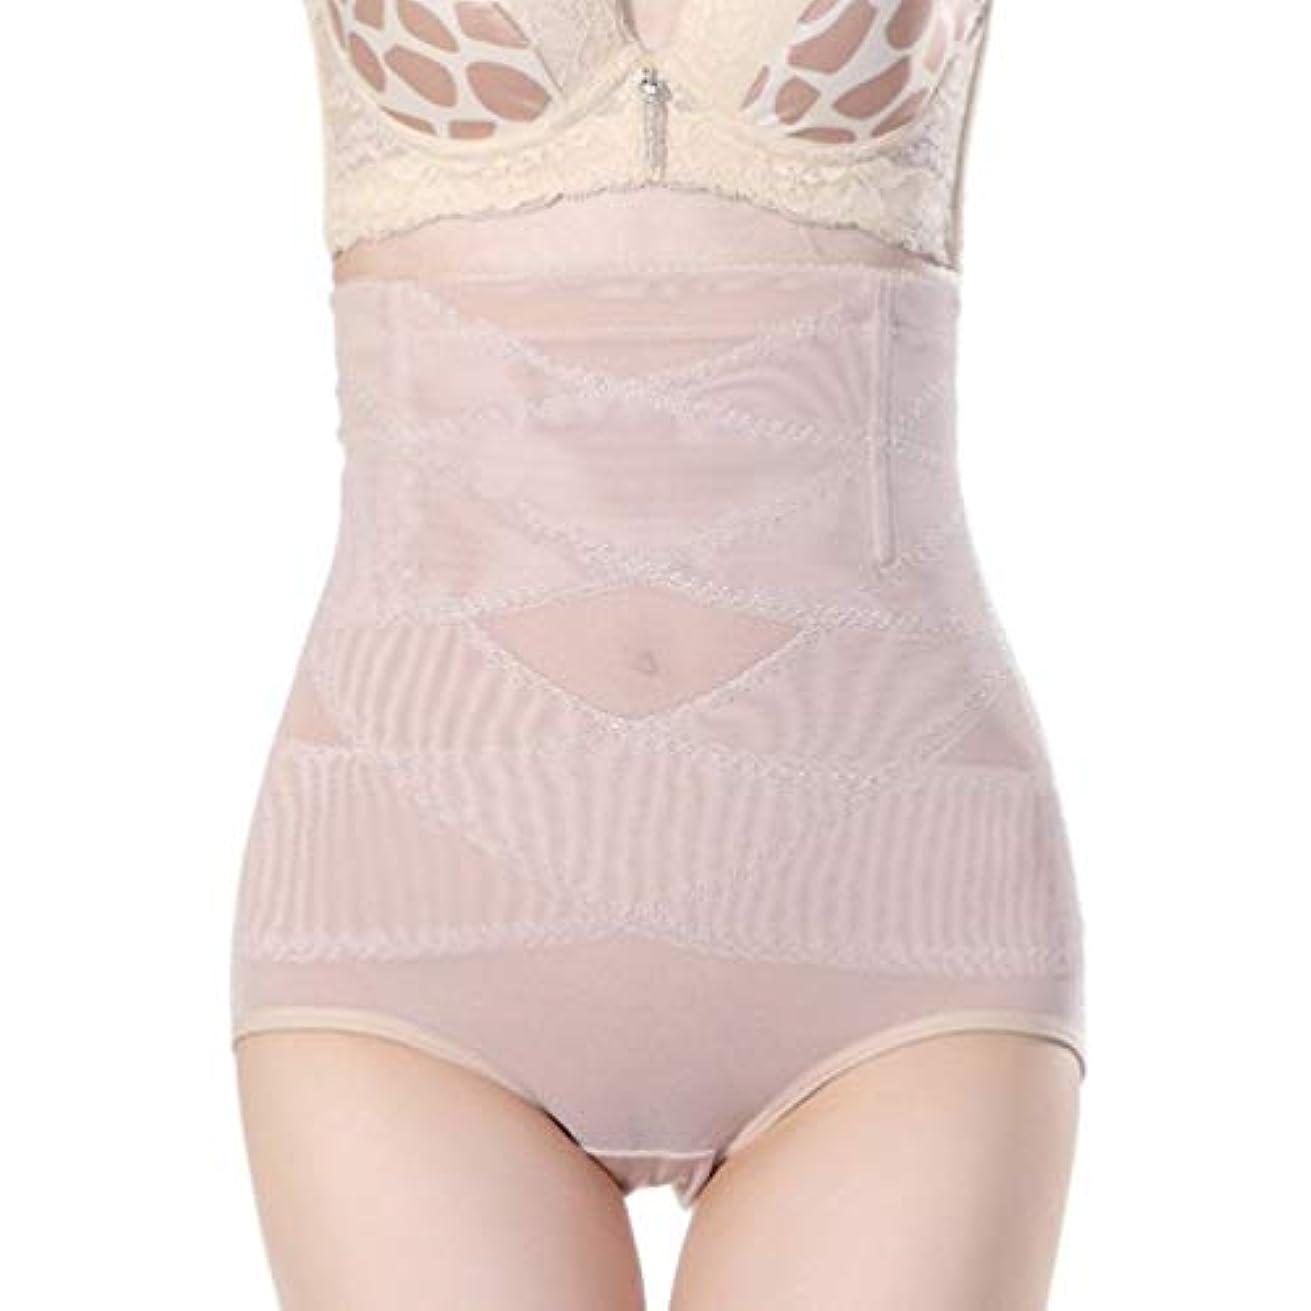 デンマーク語多数の一緒腹部制御下着シームレスおなかコントロールパンティーバットリフターボディシェイパーを痩身通気性のハイウエストの女性 - 肌色L